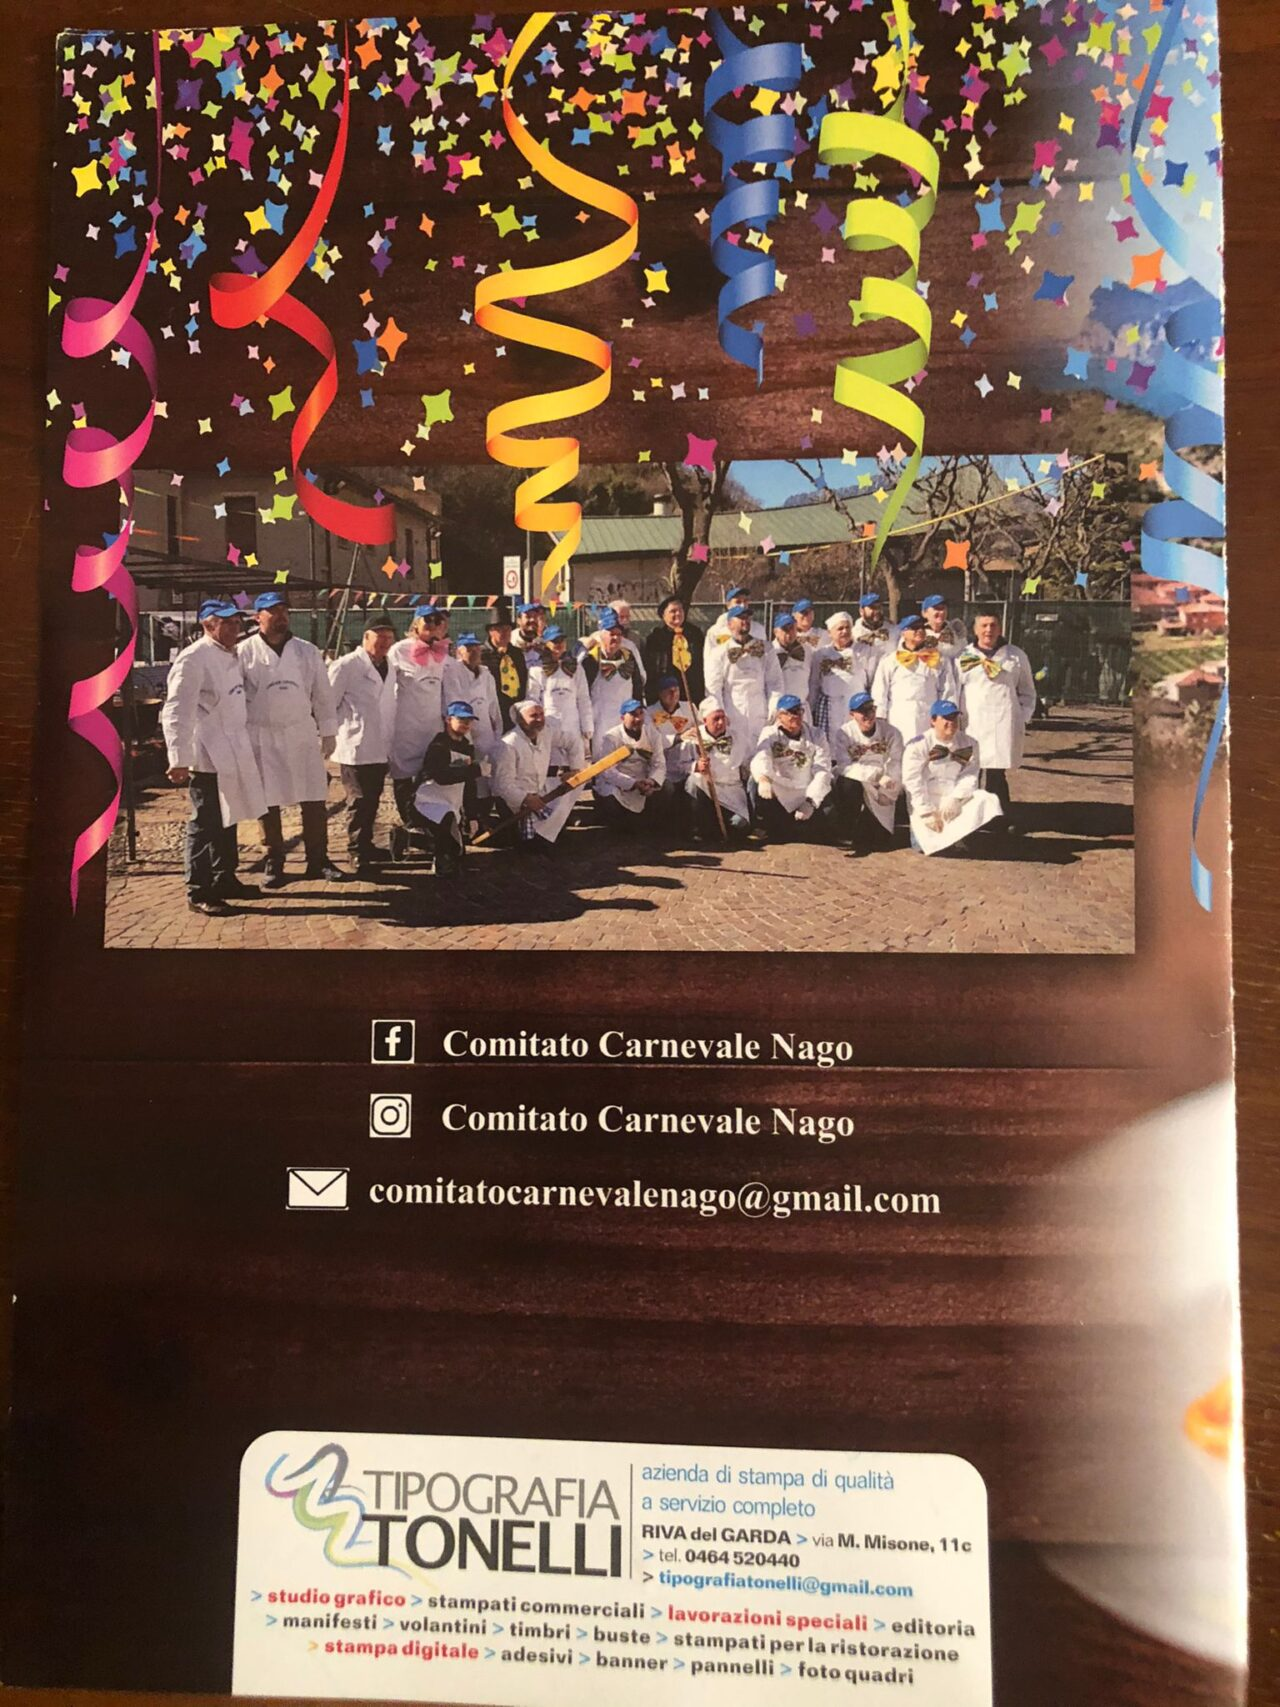 CARNEVALE NAGO IMG-20210210-WA0009